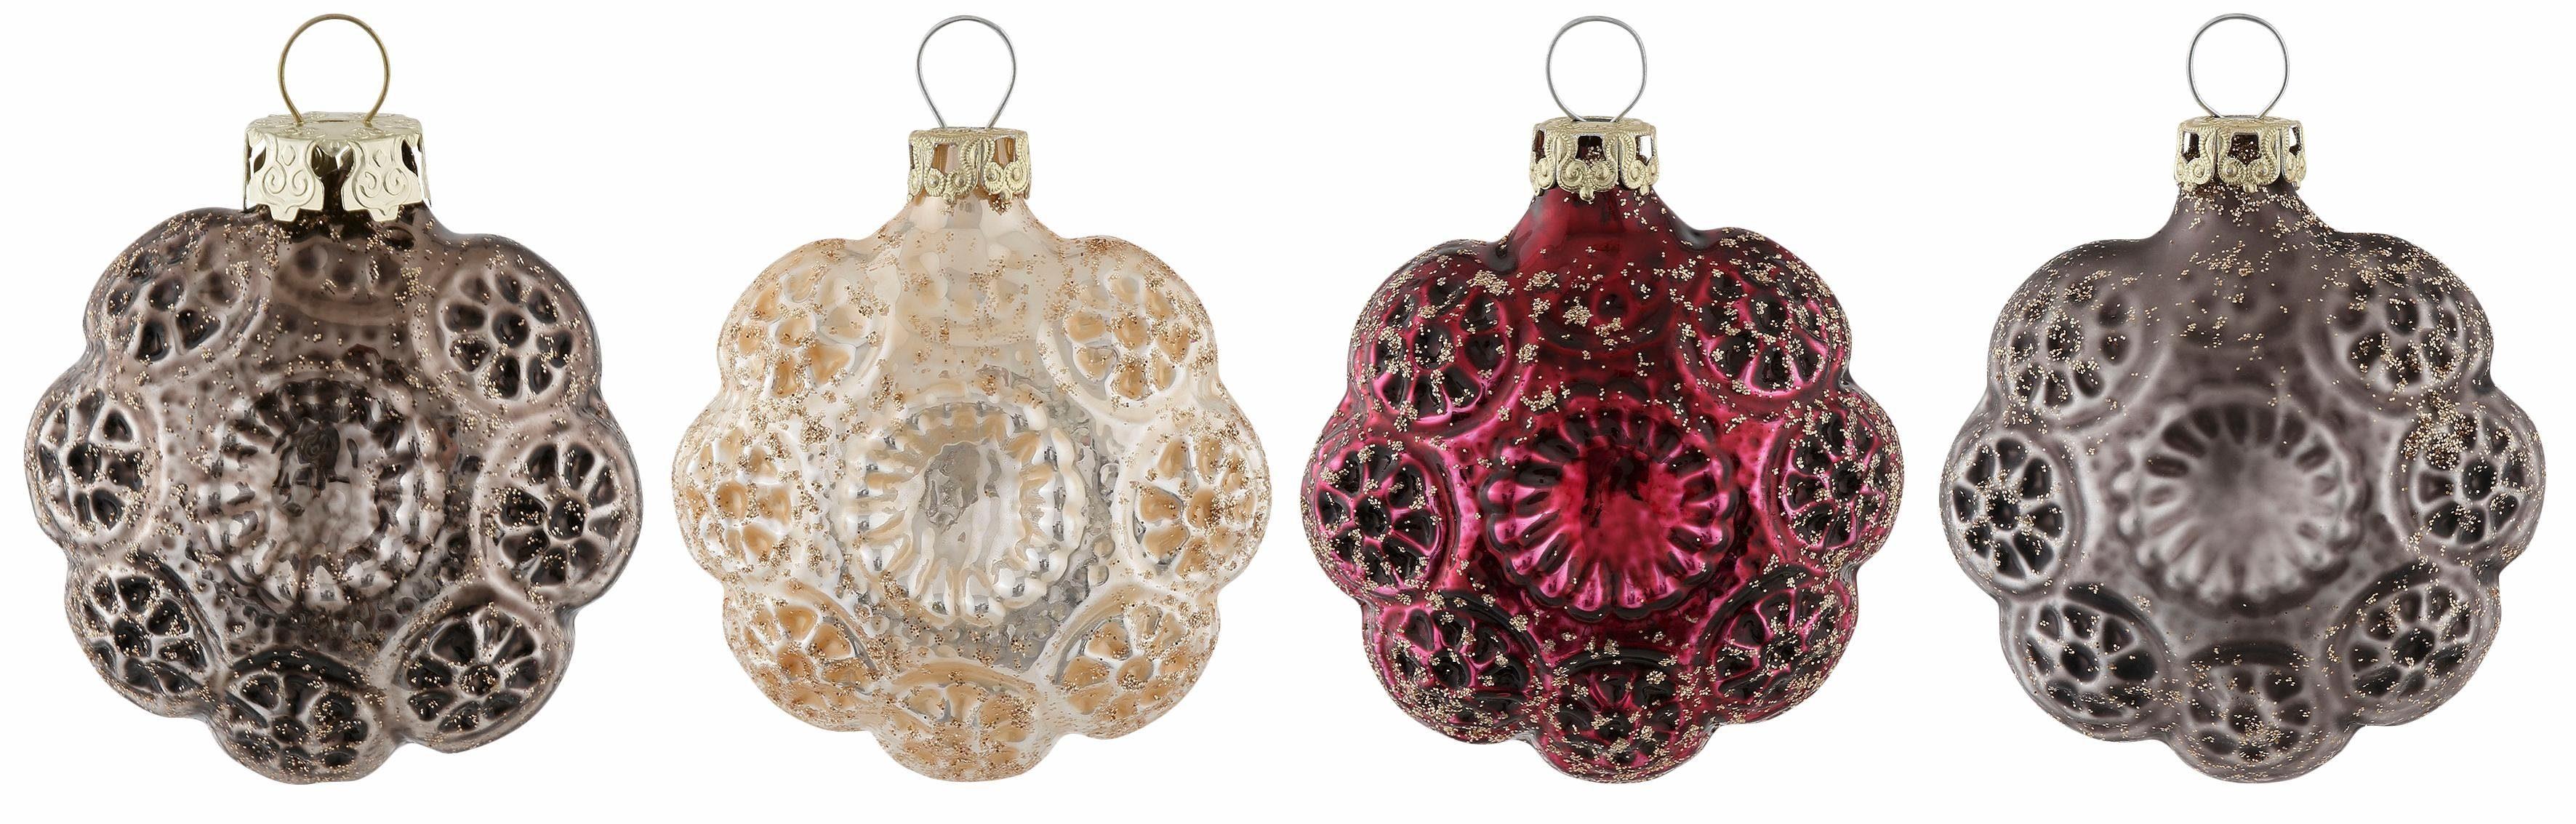 Thüringer Glasdesign TGS-Christbaumschmuck Blütenmedaillons, Made in Germany, (4-tlg.), »Marsala«